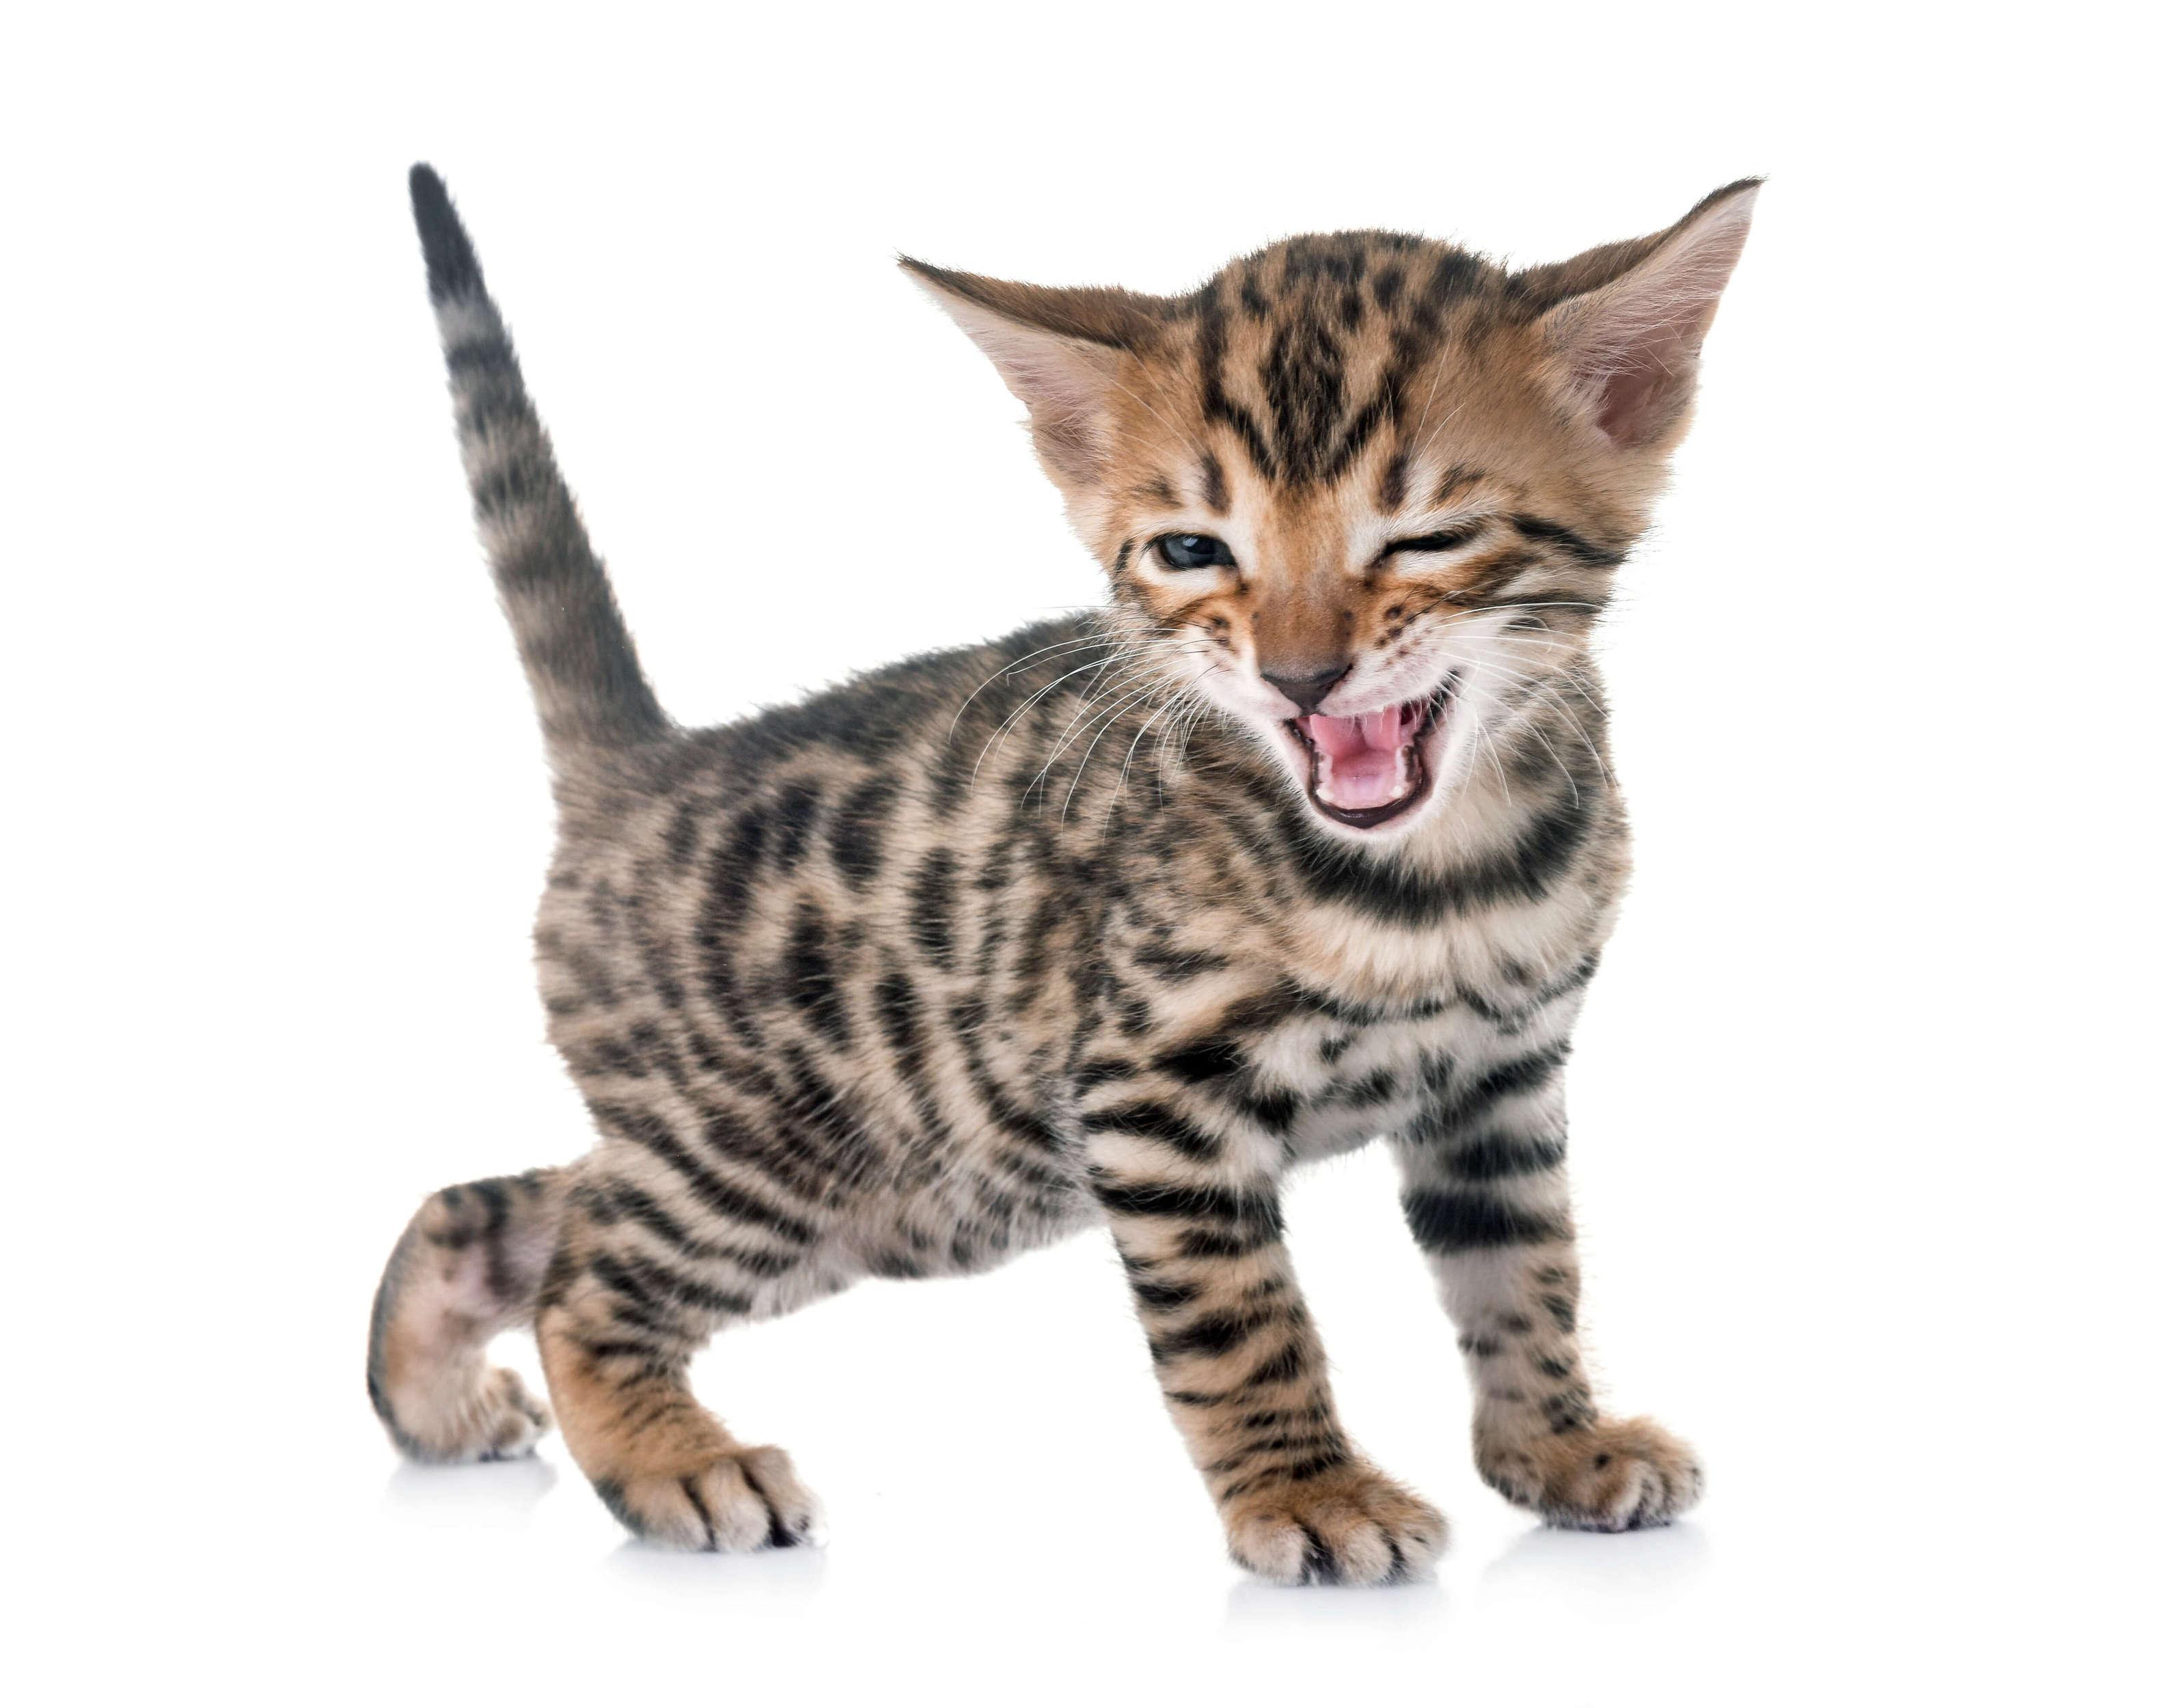 yavru bengal kedisi göz kırpar gibi poz veriyor